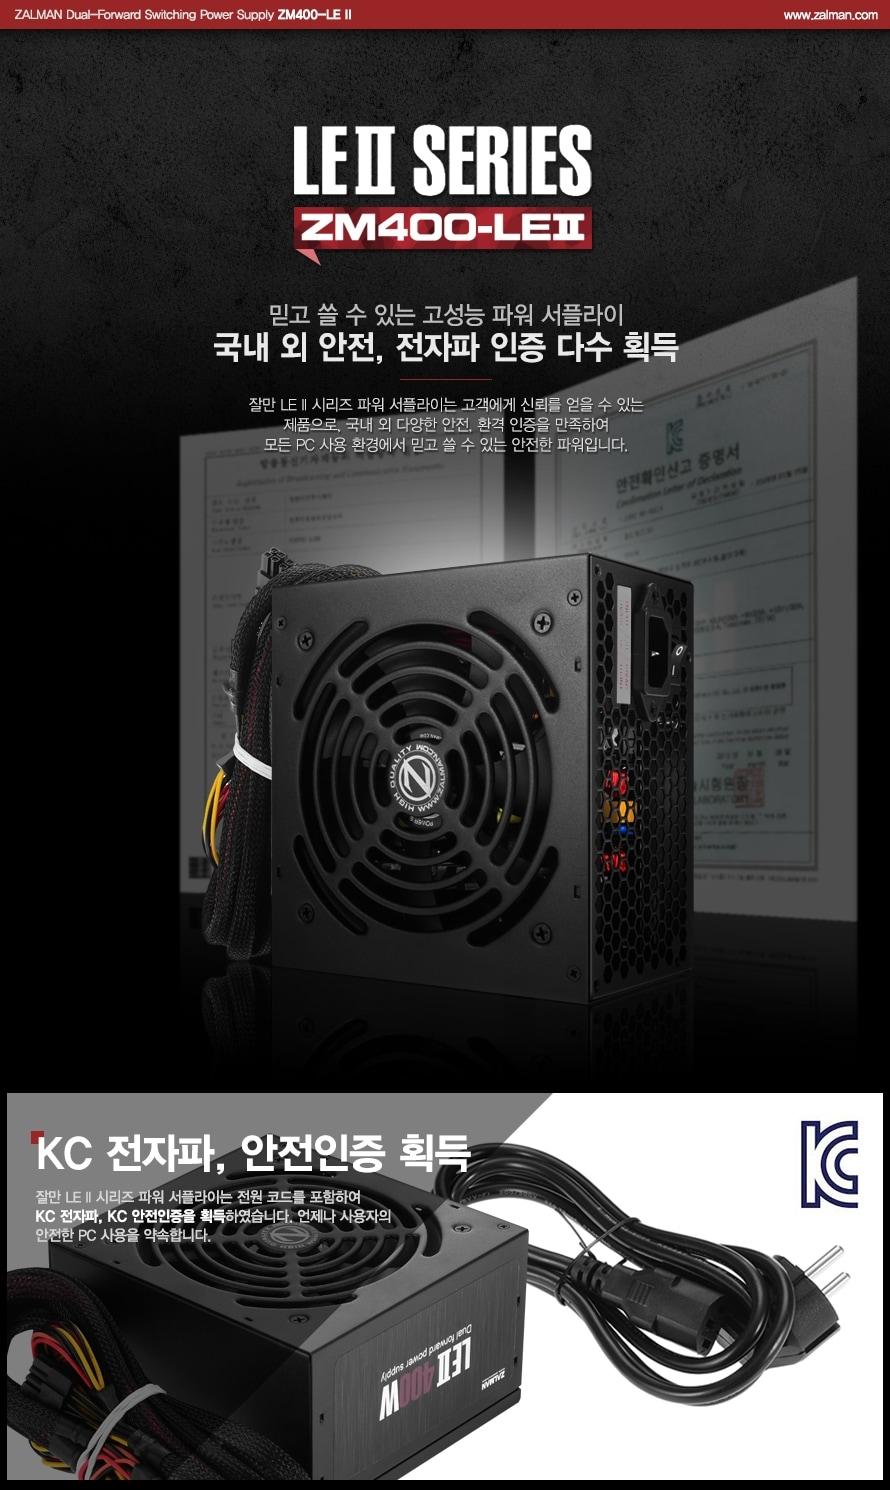 ZALMAN Dual-Forward Switching Power Supply ZM400-LE 2 / www.zalman.co.kr    LE2 SERIES ZM400-LE2    믿고 쓸 수 있는 고성능 파워 서플라이 국내 외 안전, 전자파 인증 다수 획득    잘만 LE 2 시리즈 파워 서플라이는 고객에게 신뢰를 얻을 수 있는 제품으로, 국내 외 다양한 안전, 환경 인증을 만족하여 모든 PC 사용 환경에서 믿고 쓸 수 있는 안전한 파워입니다.    KC 전자파, 안전인증 획득    잘만 LE II 시리즈 파워 서플라이는 전원 코드를 포함하여KC 전자파, KC 안전인증을 획득하였습니다. 언제나 사용자의안전한 PC 사용을 약속합니다.